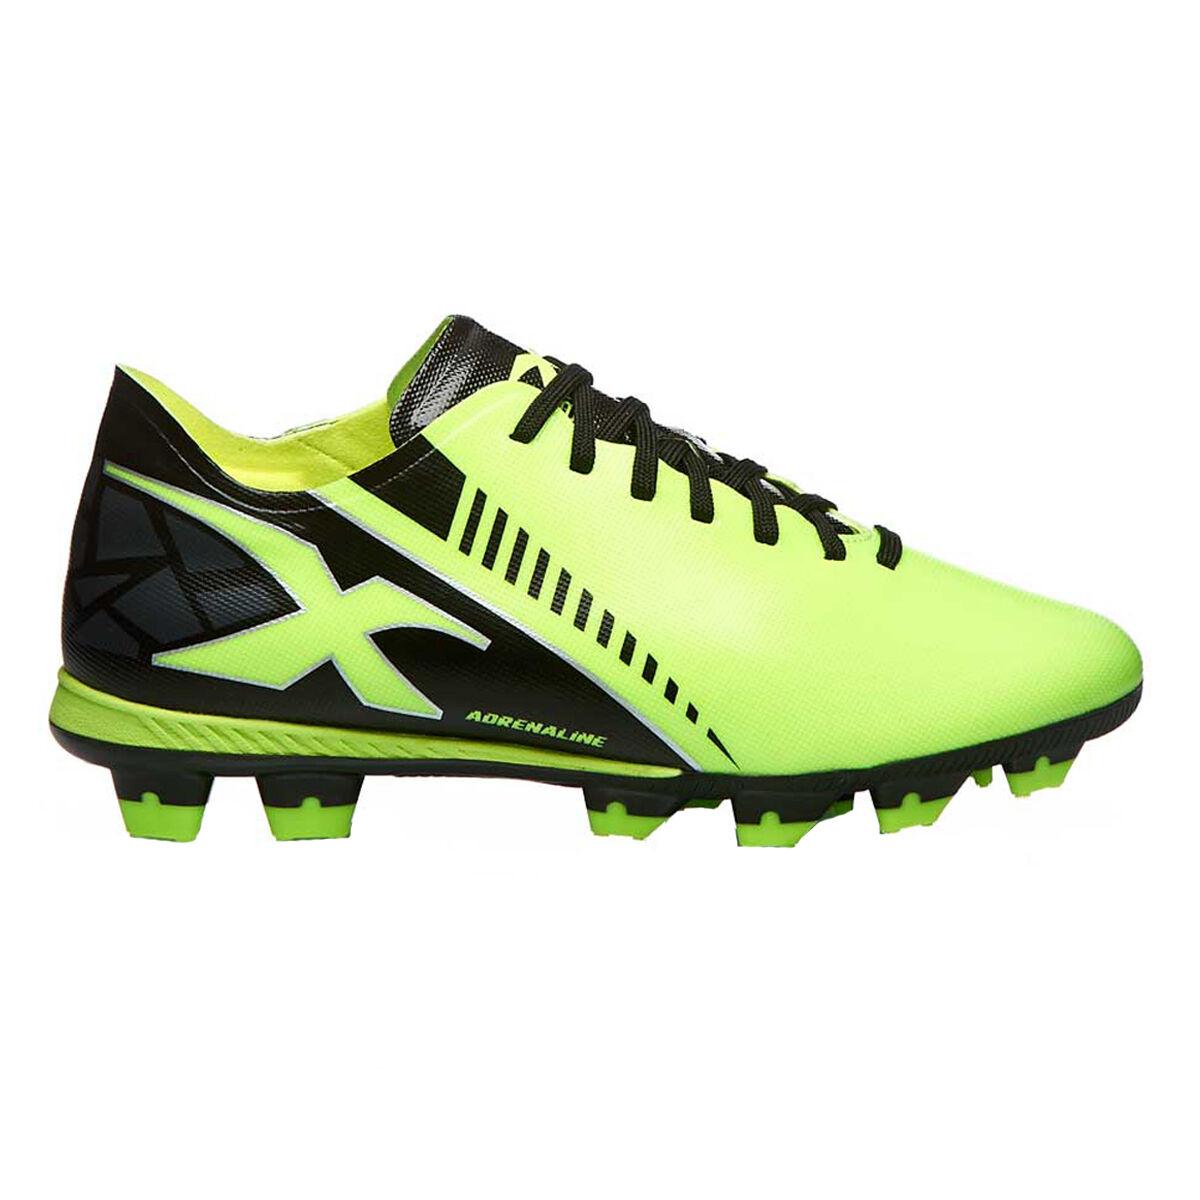 X Blades Adrenaline Kids Football Boots